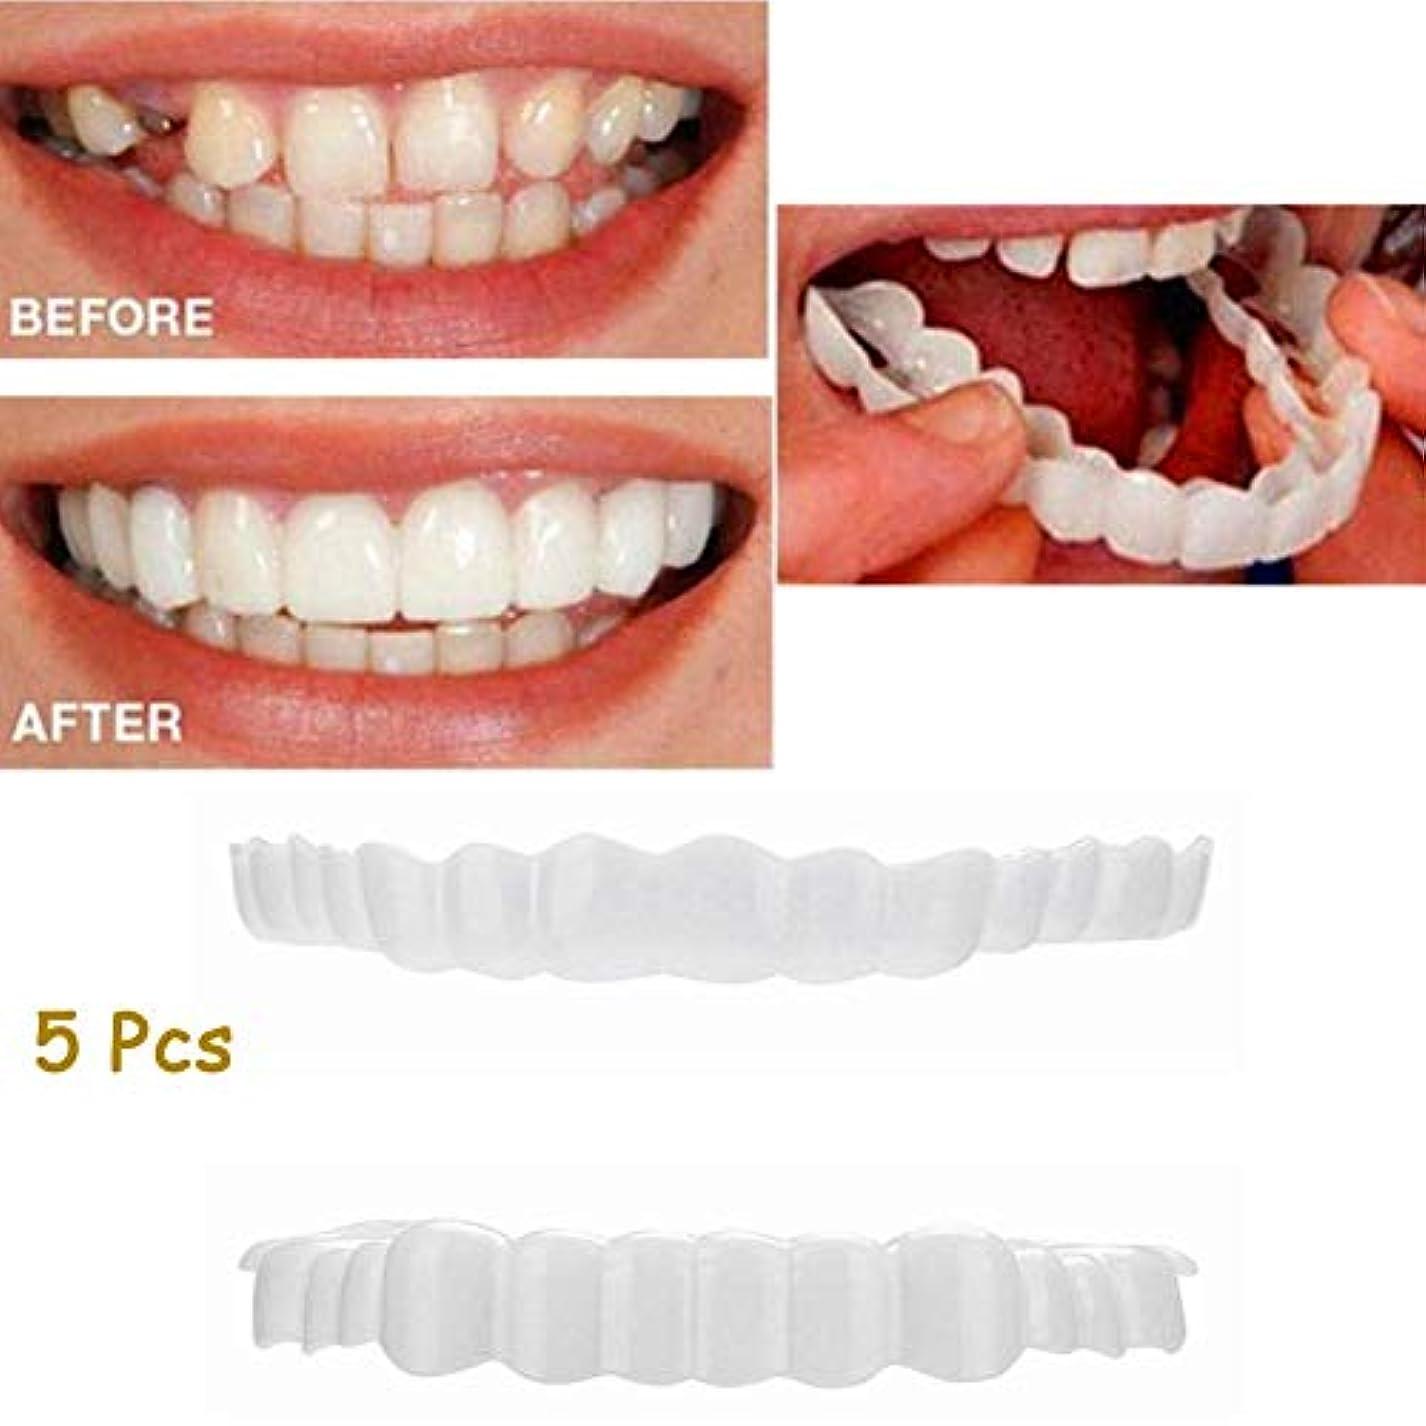 ベル反響するチャンピオンシップ5ピース上歯+下歯セットインスタントパーフェクトコンフォートフィットフレックス化粧品歯入れ歯歯ホワイトニングスマイルフェイク歯